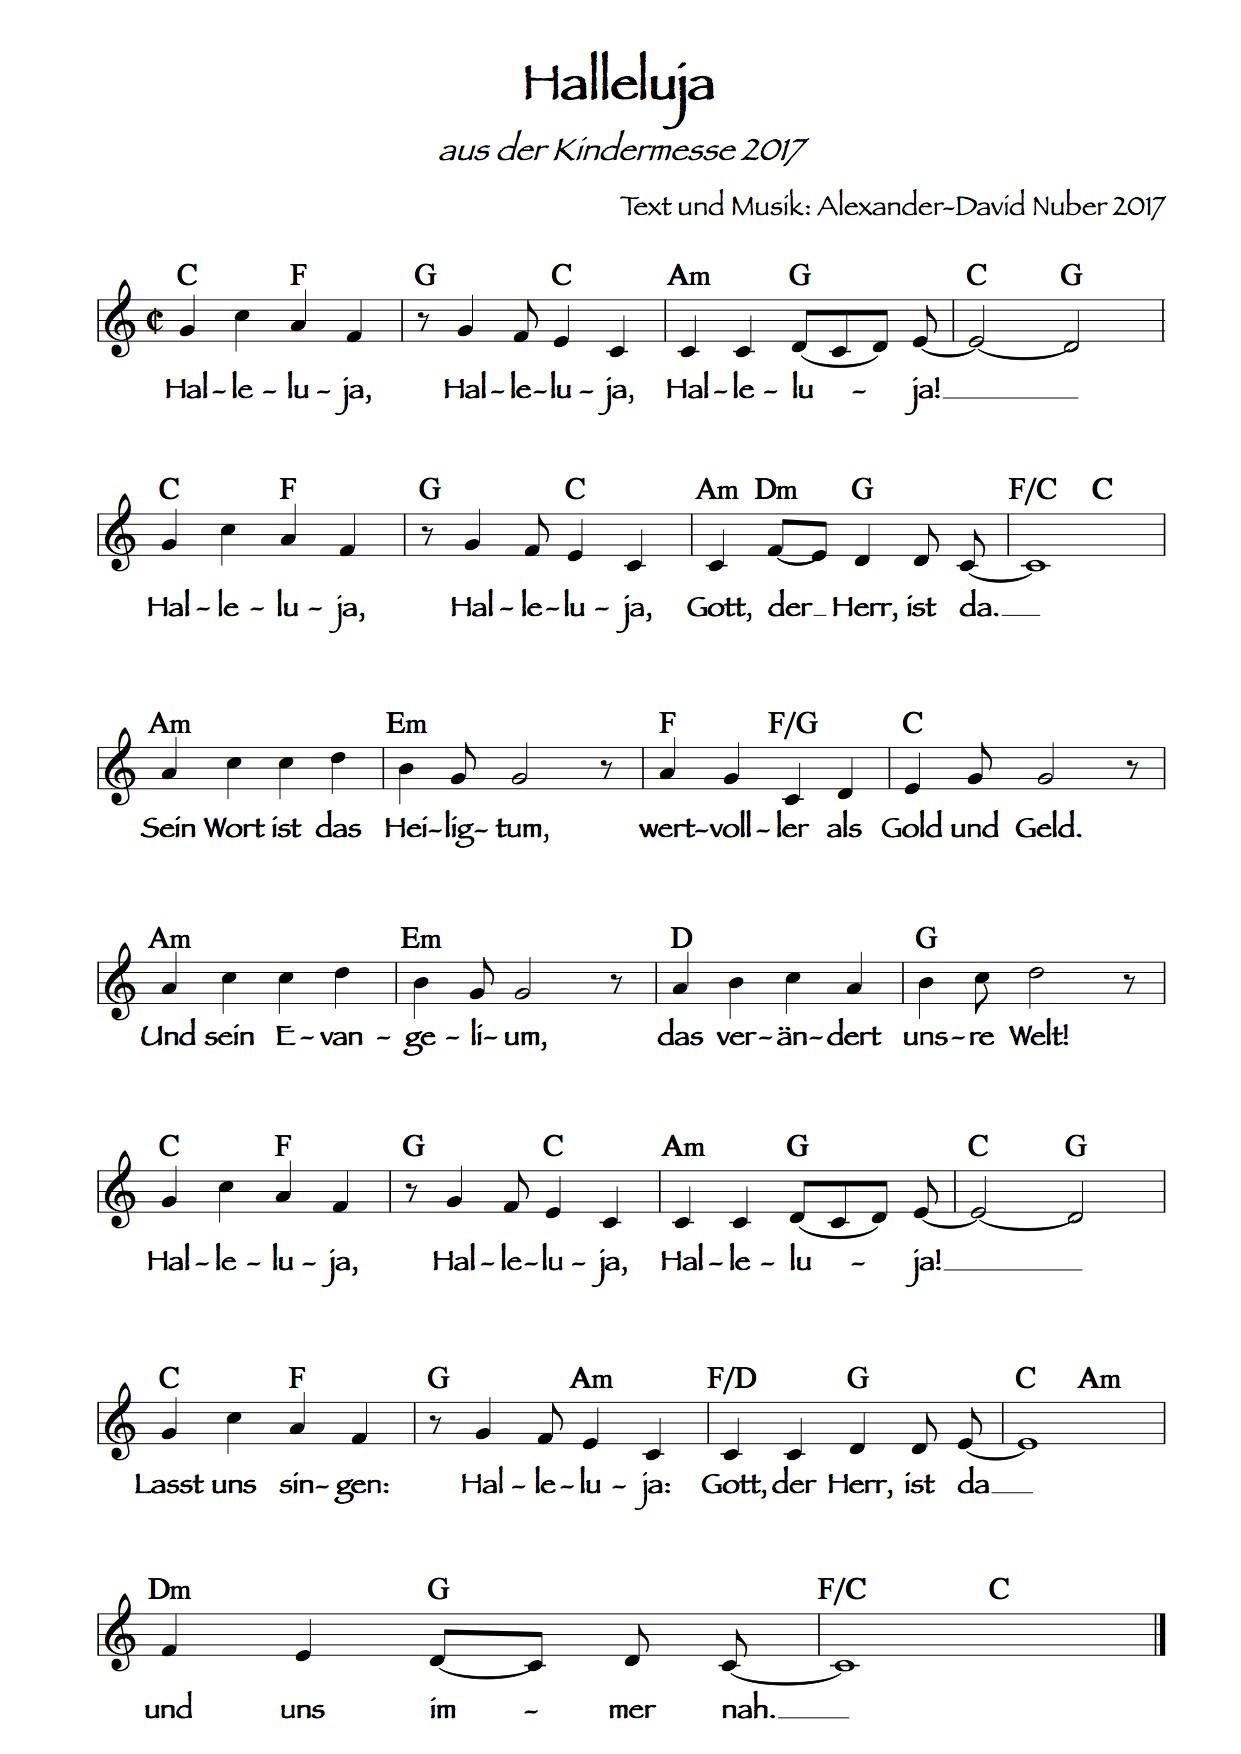 Hallelujah Deutsch Hochzeit  Hallelujah Hochzeit Text